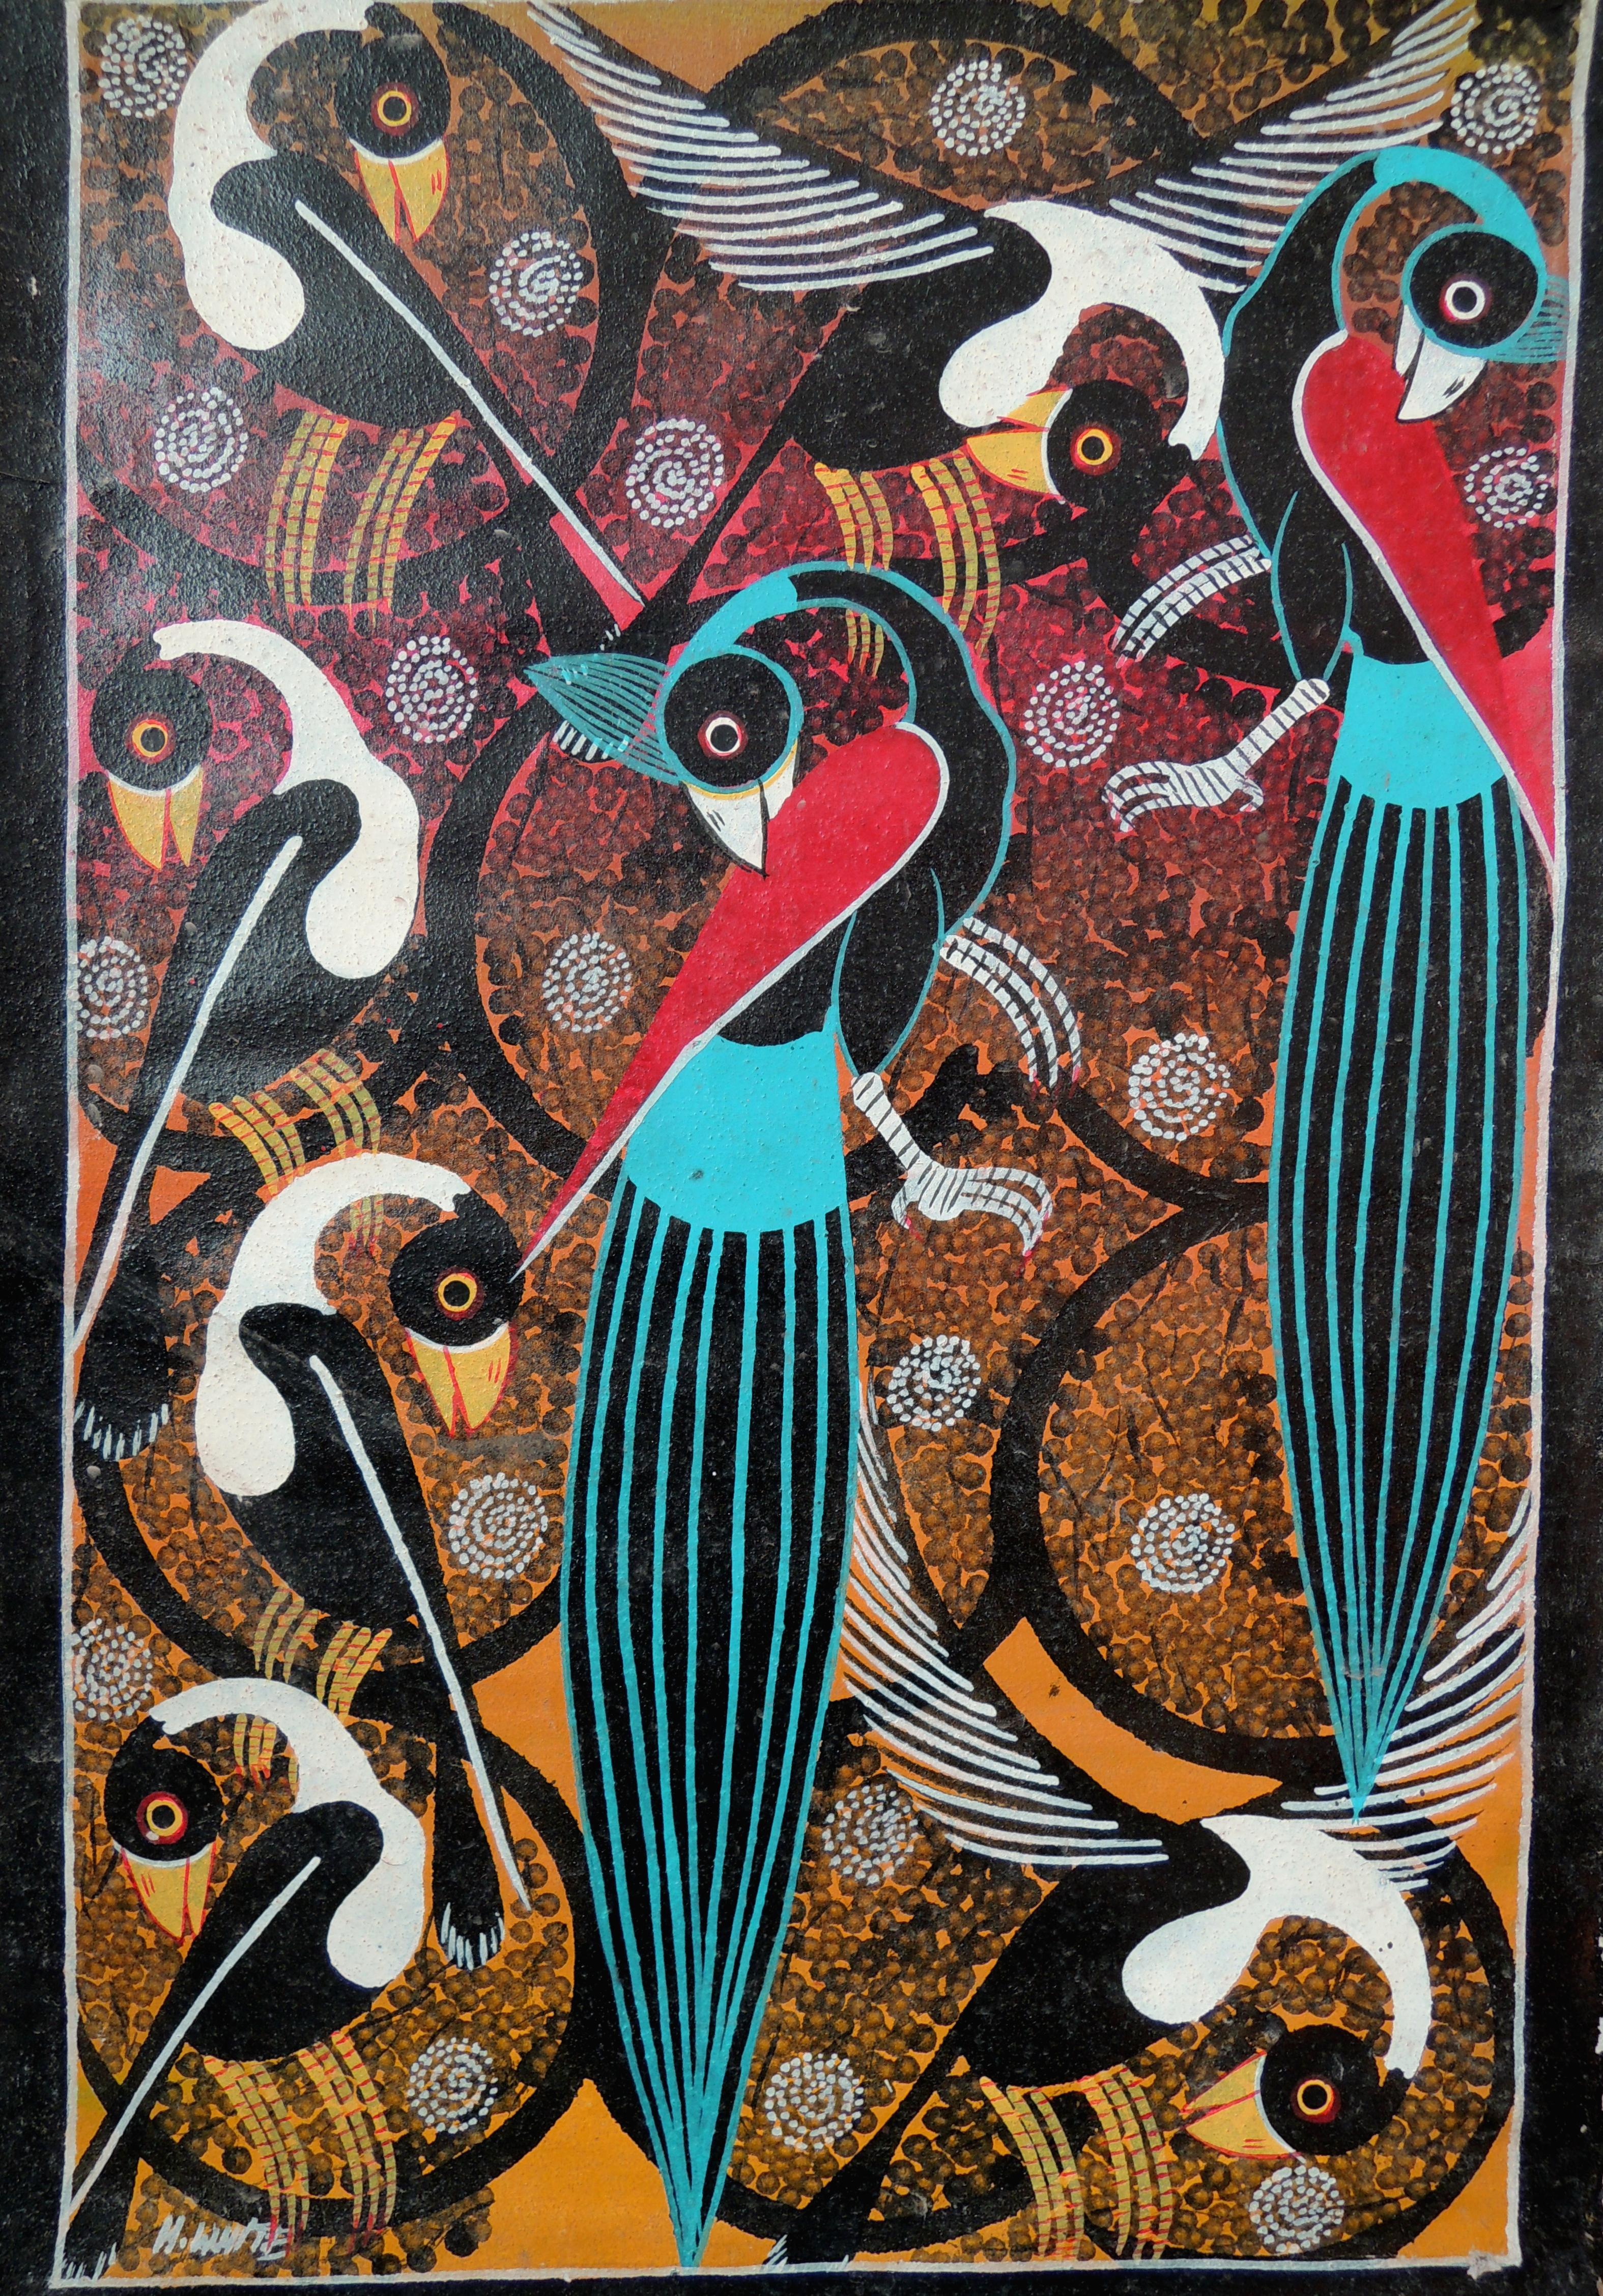 Przykład malarstwa w stylu TIngatinga, dominującego w lokalnych sklepach ze sztuką, Stown Town, Zanzibar, fot. M. Lehrmann